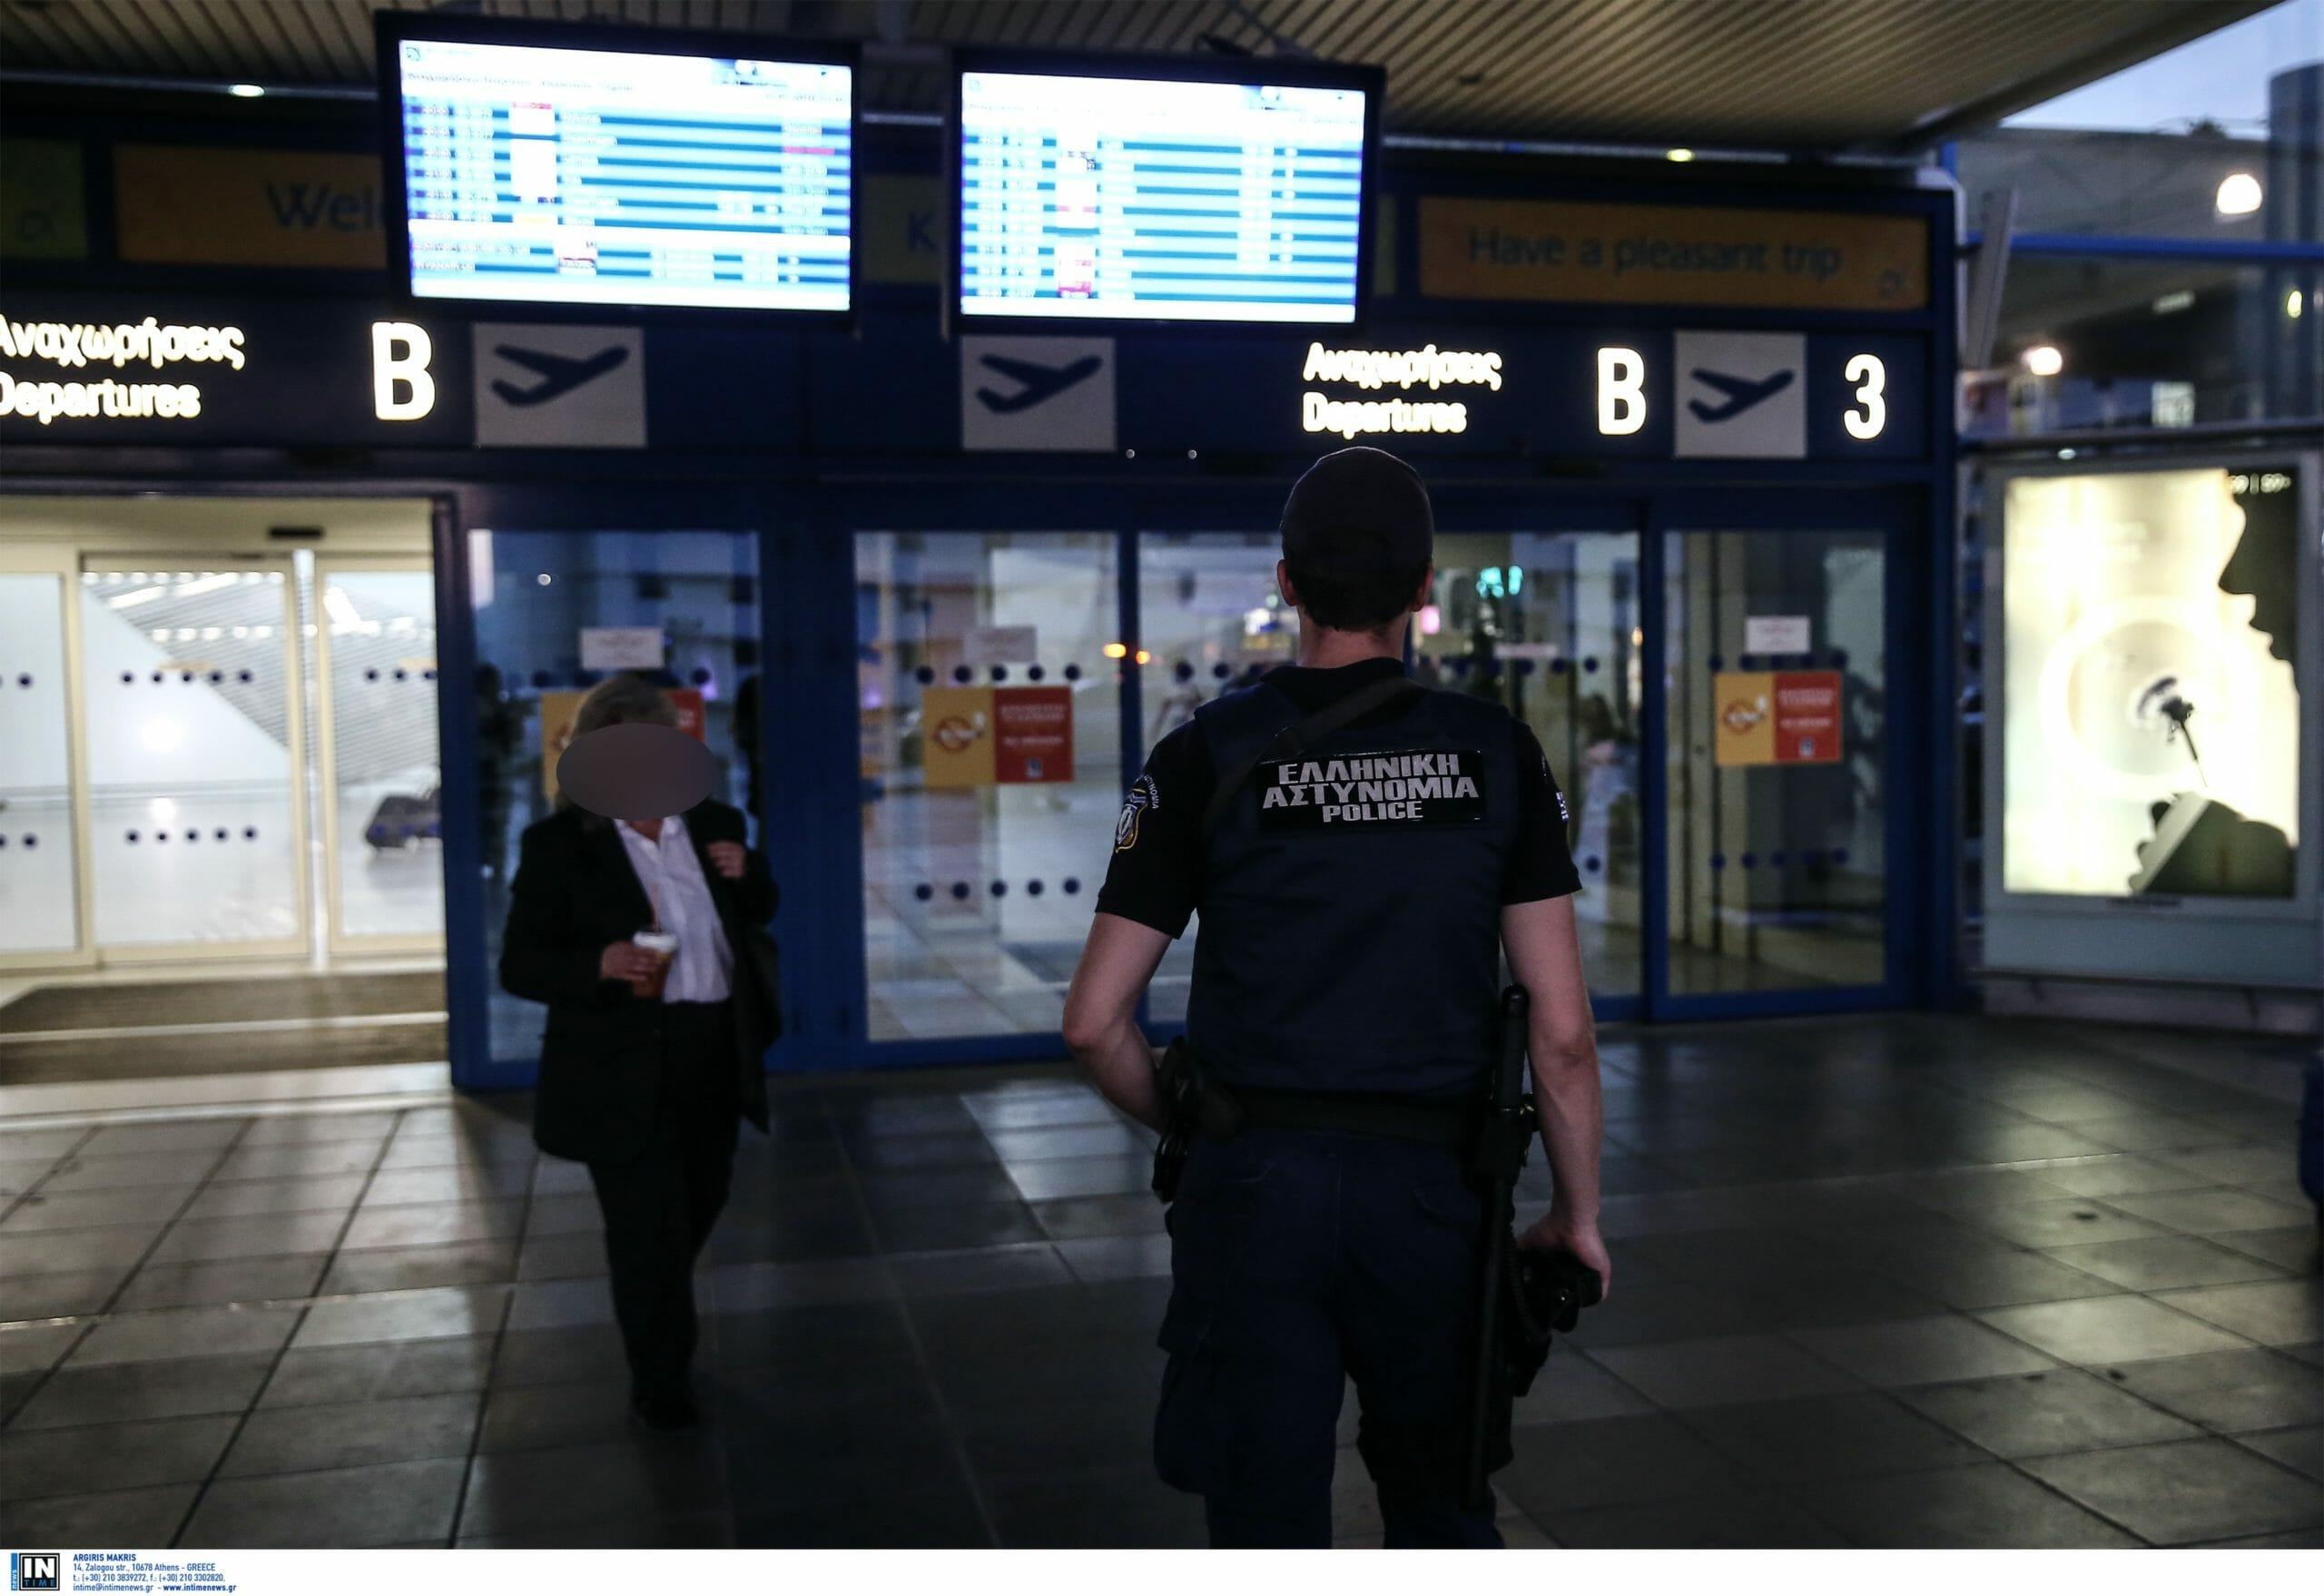 «Μπάζουν νερά» οι έλεγχοι για τον κοροναϊό στο αεροδρόμιο Ελευθέριος Βενιζέλος - Καταγγελία για περιορισμένους ελέγχους